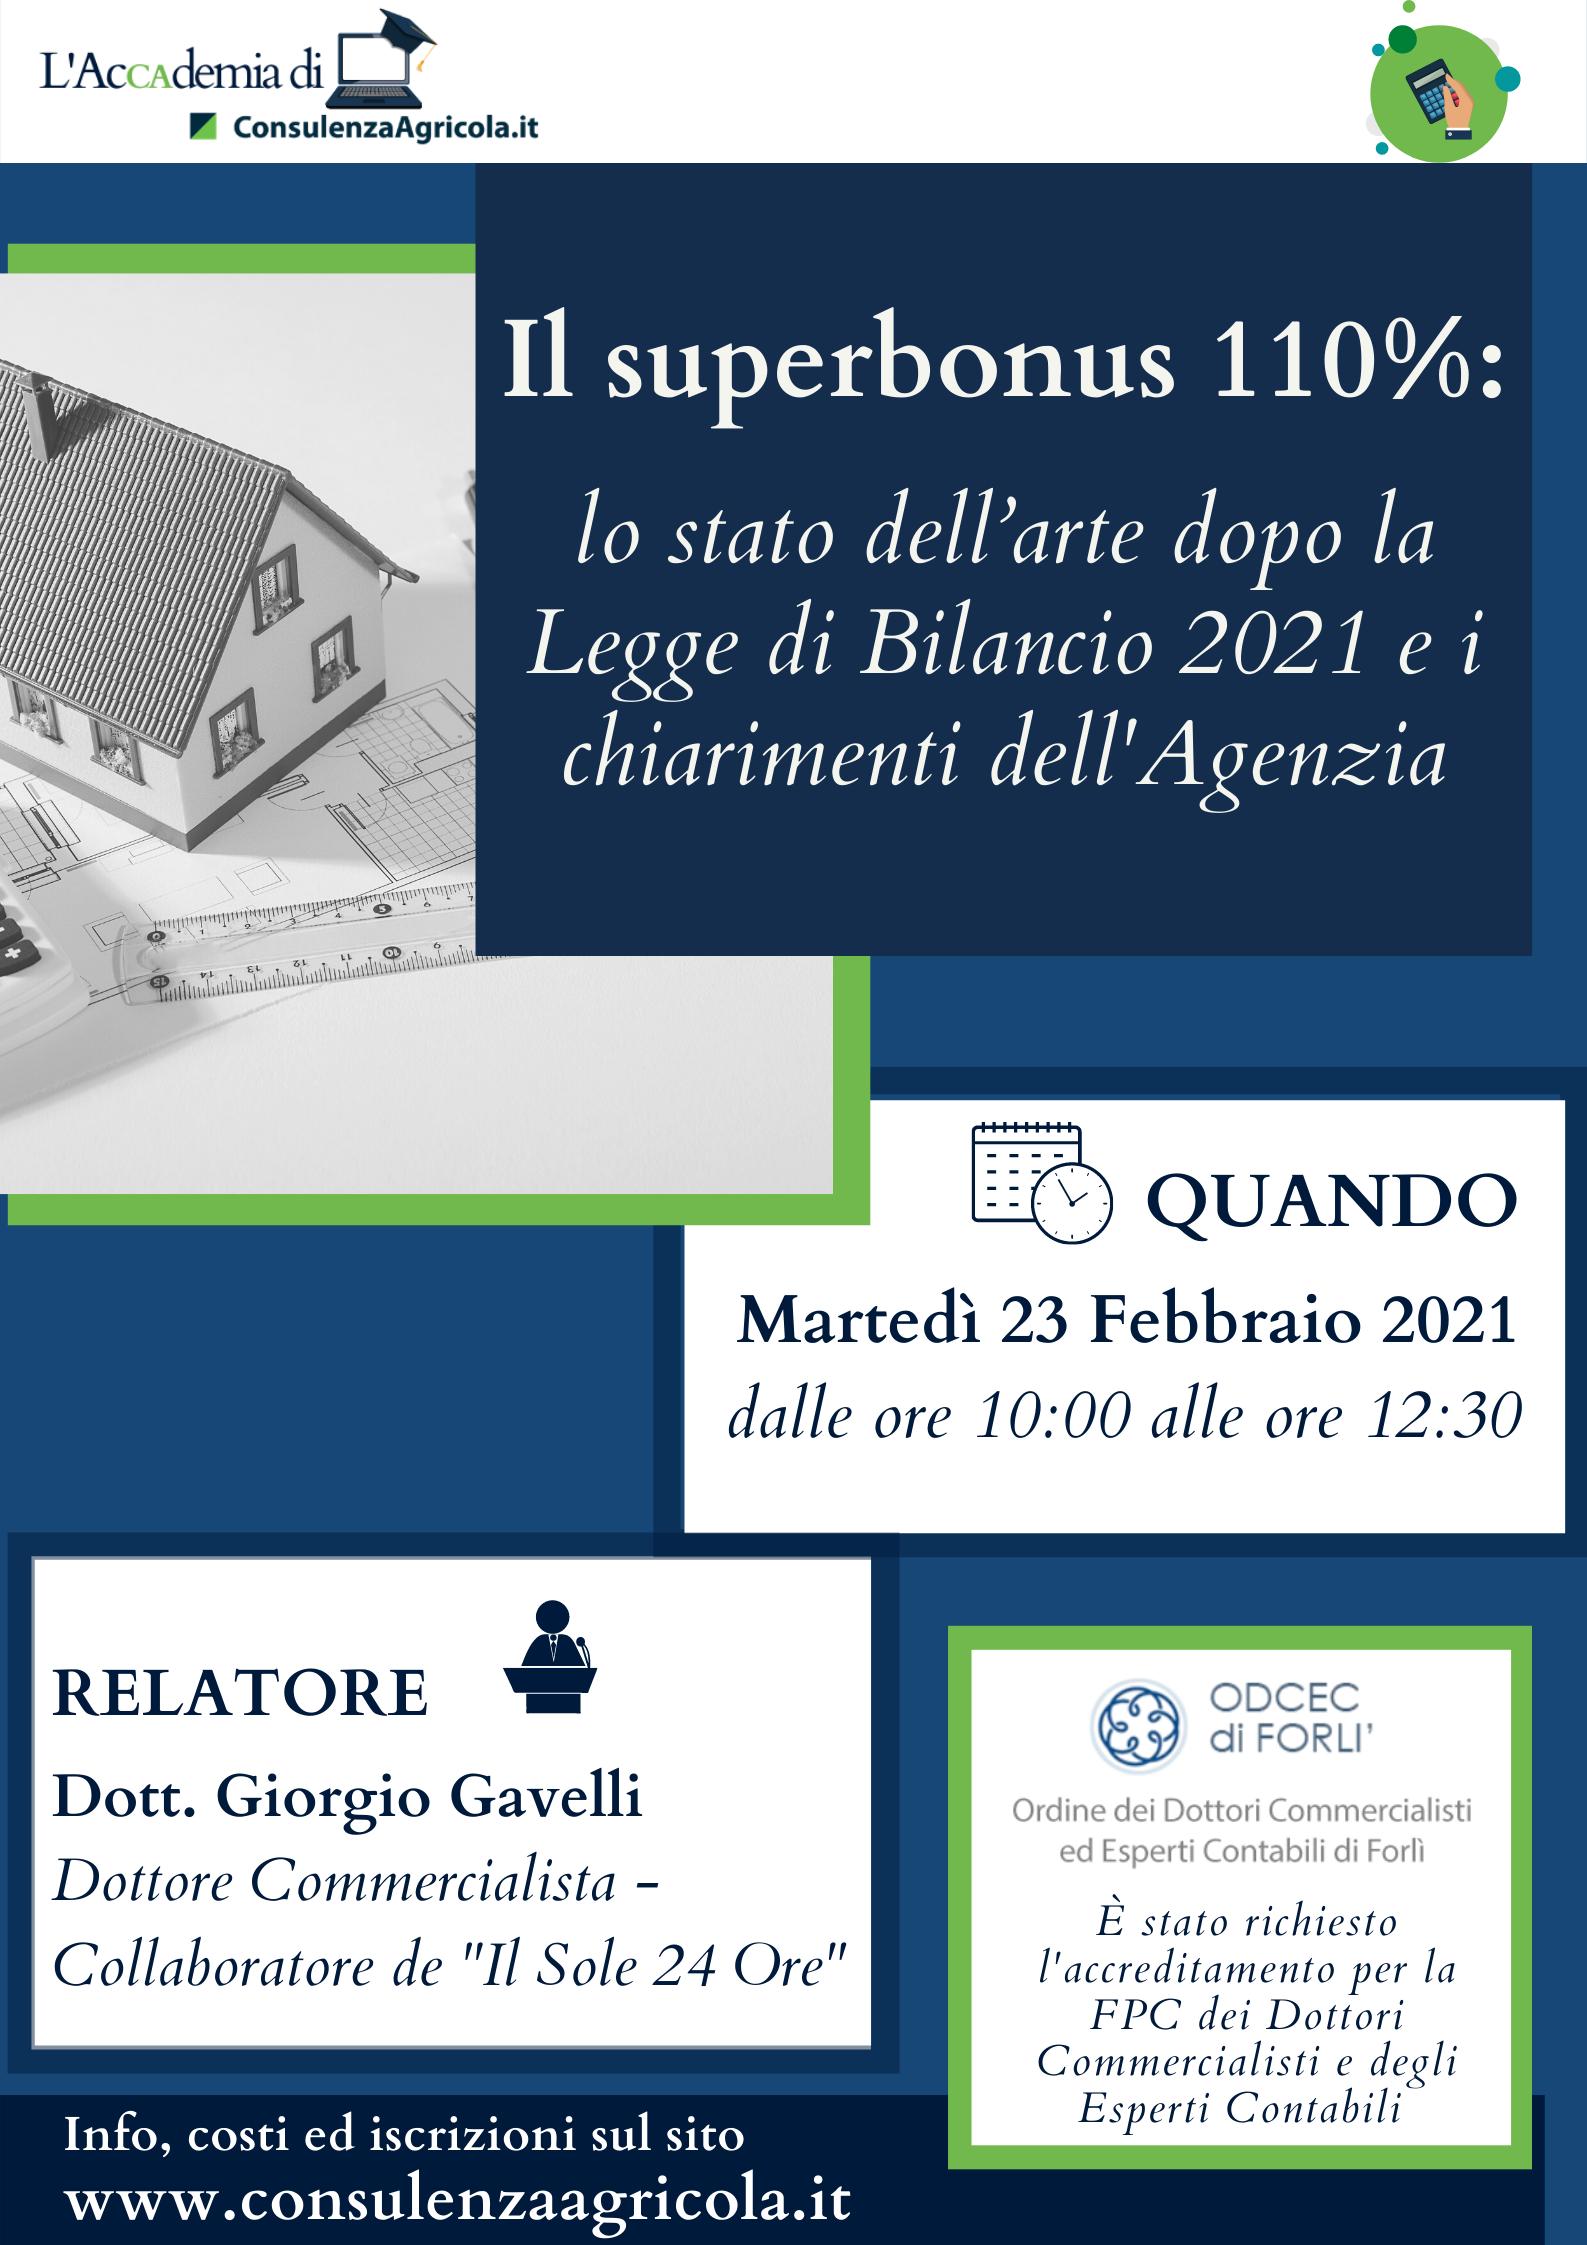 Il superbonus 110%: lo stato dell'arte dopo la Legge di Bilancio 2021 e i chiarimenti dell'Agenzia